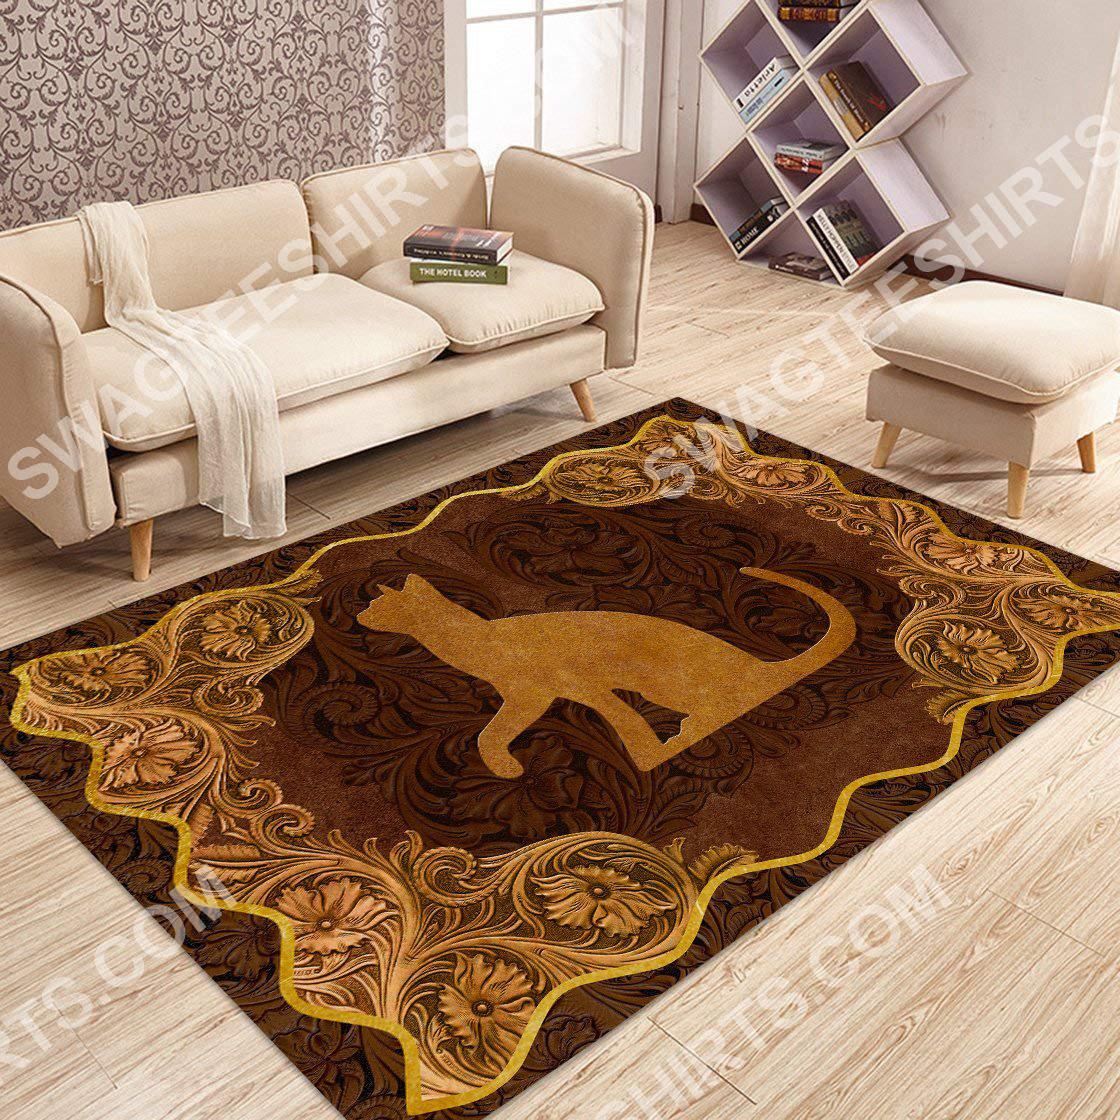 vintage cat antique golden all over printed rug 2(1)